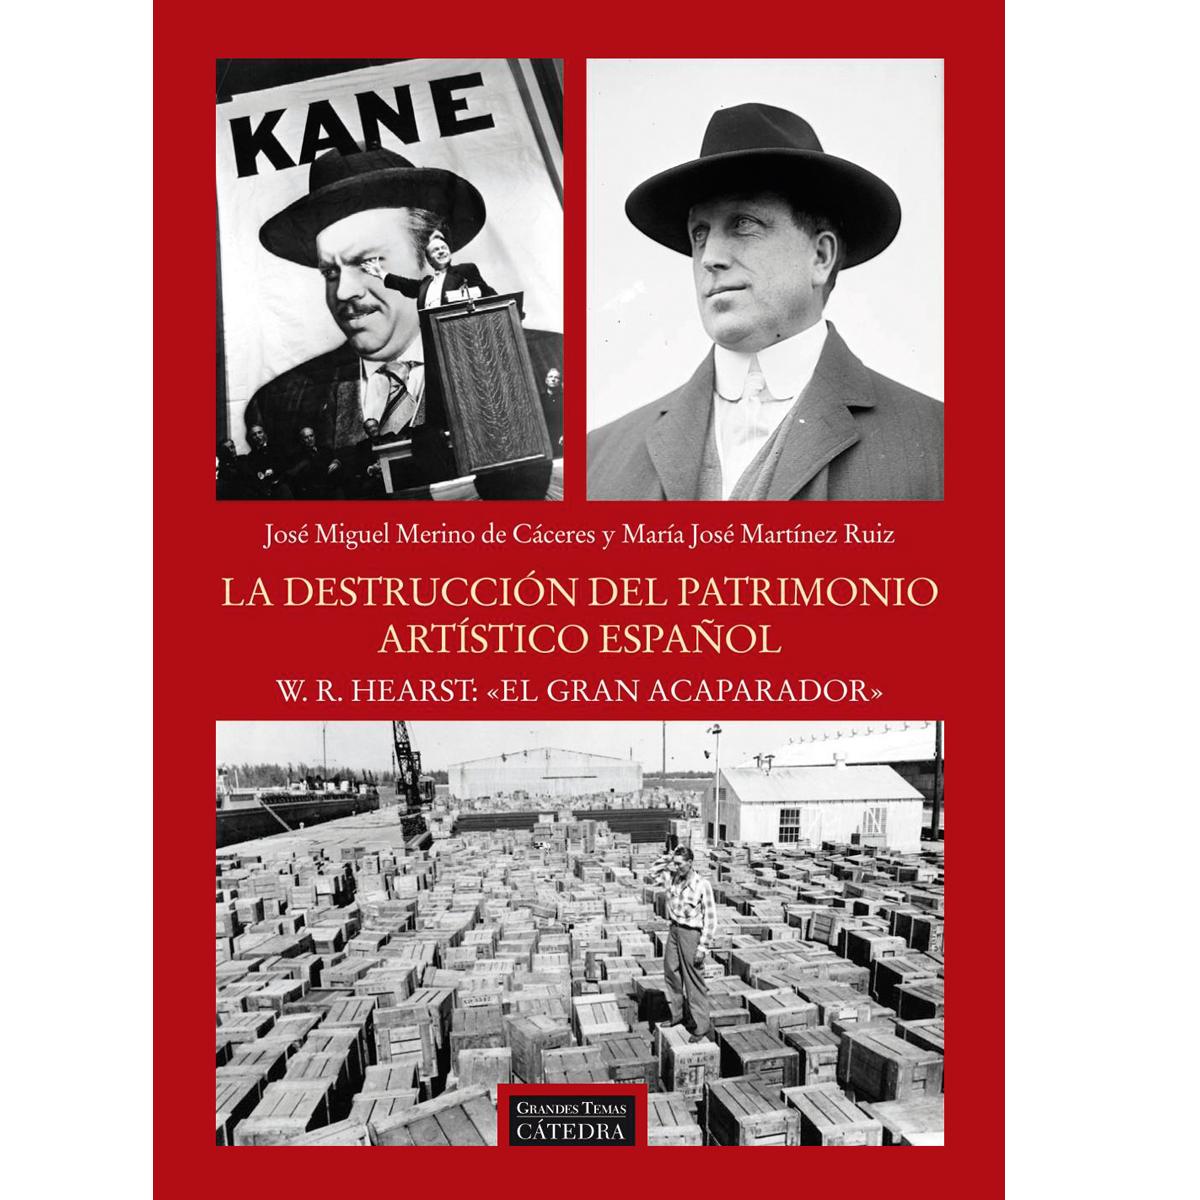 La destrucción del patrimonio artístico español